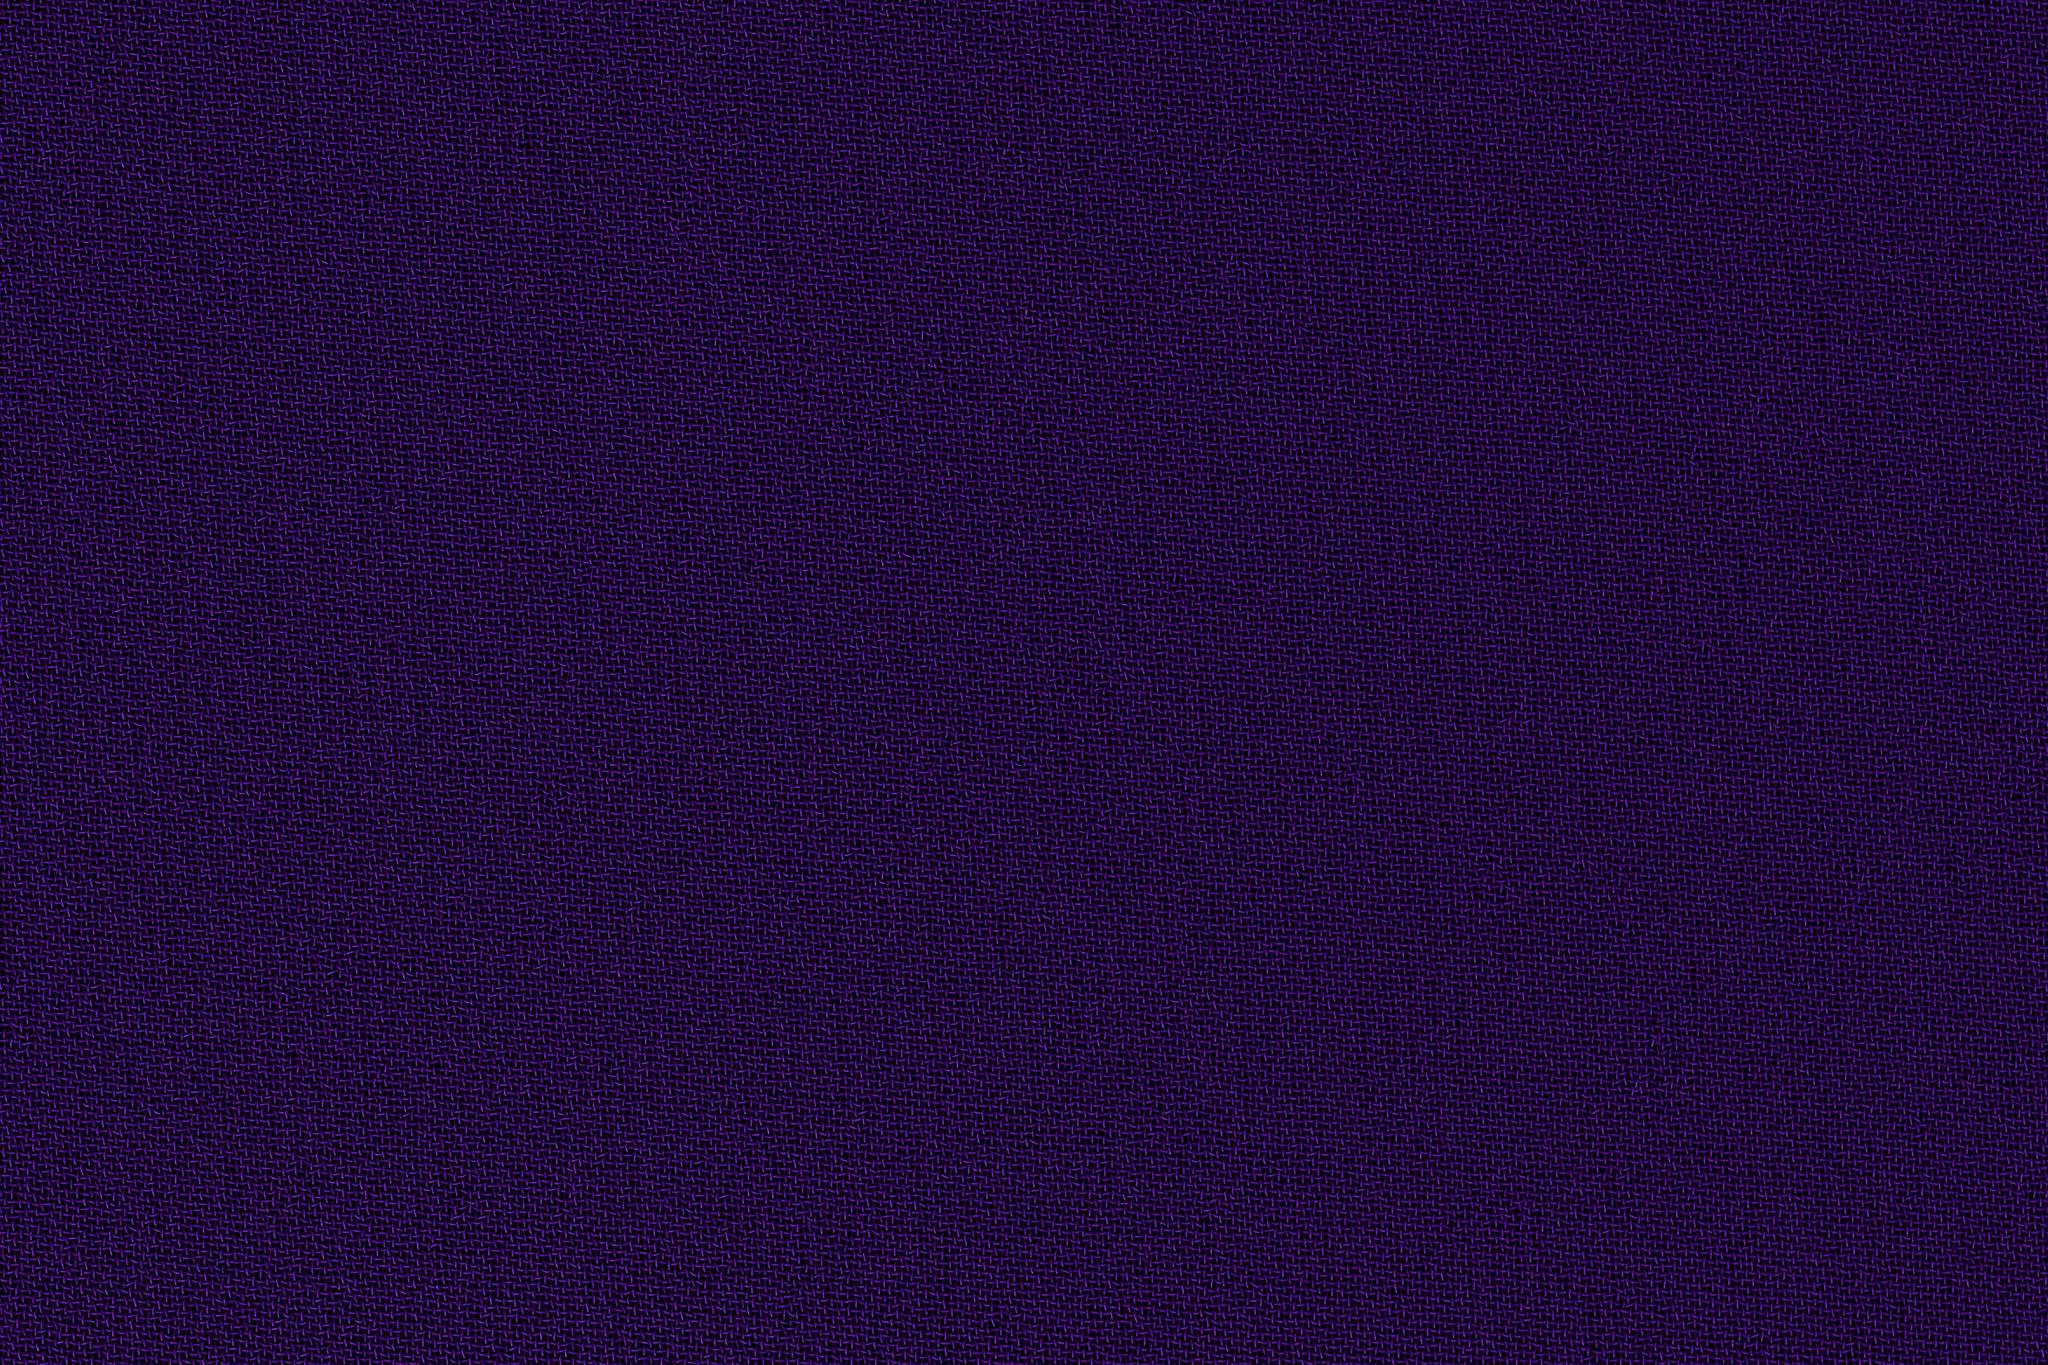 「紫色のサラサラとした手触りの布」